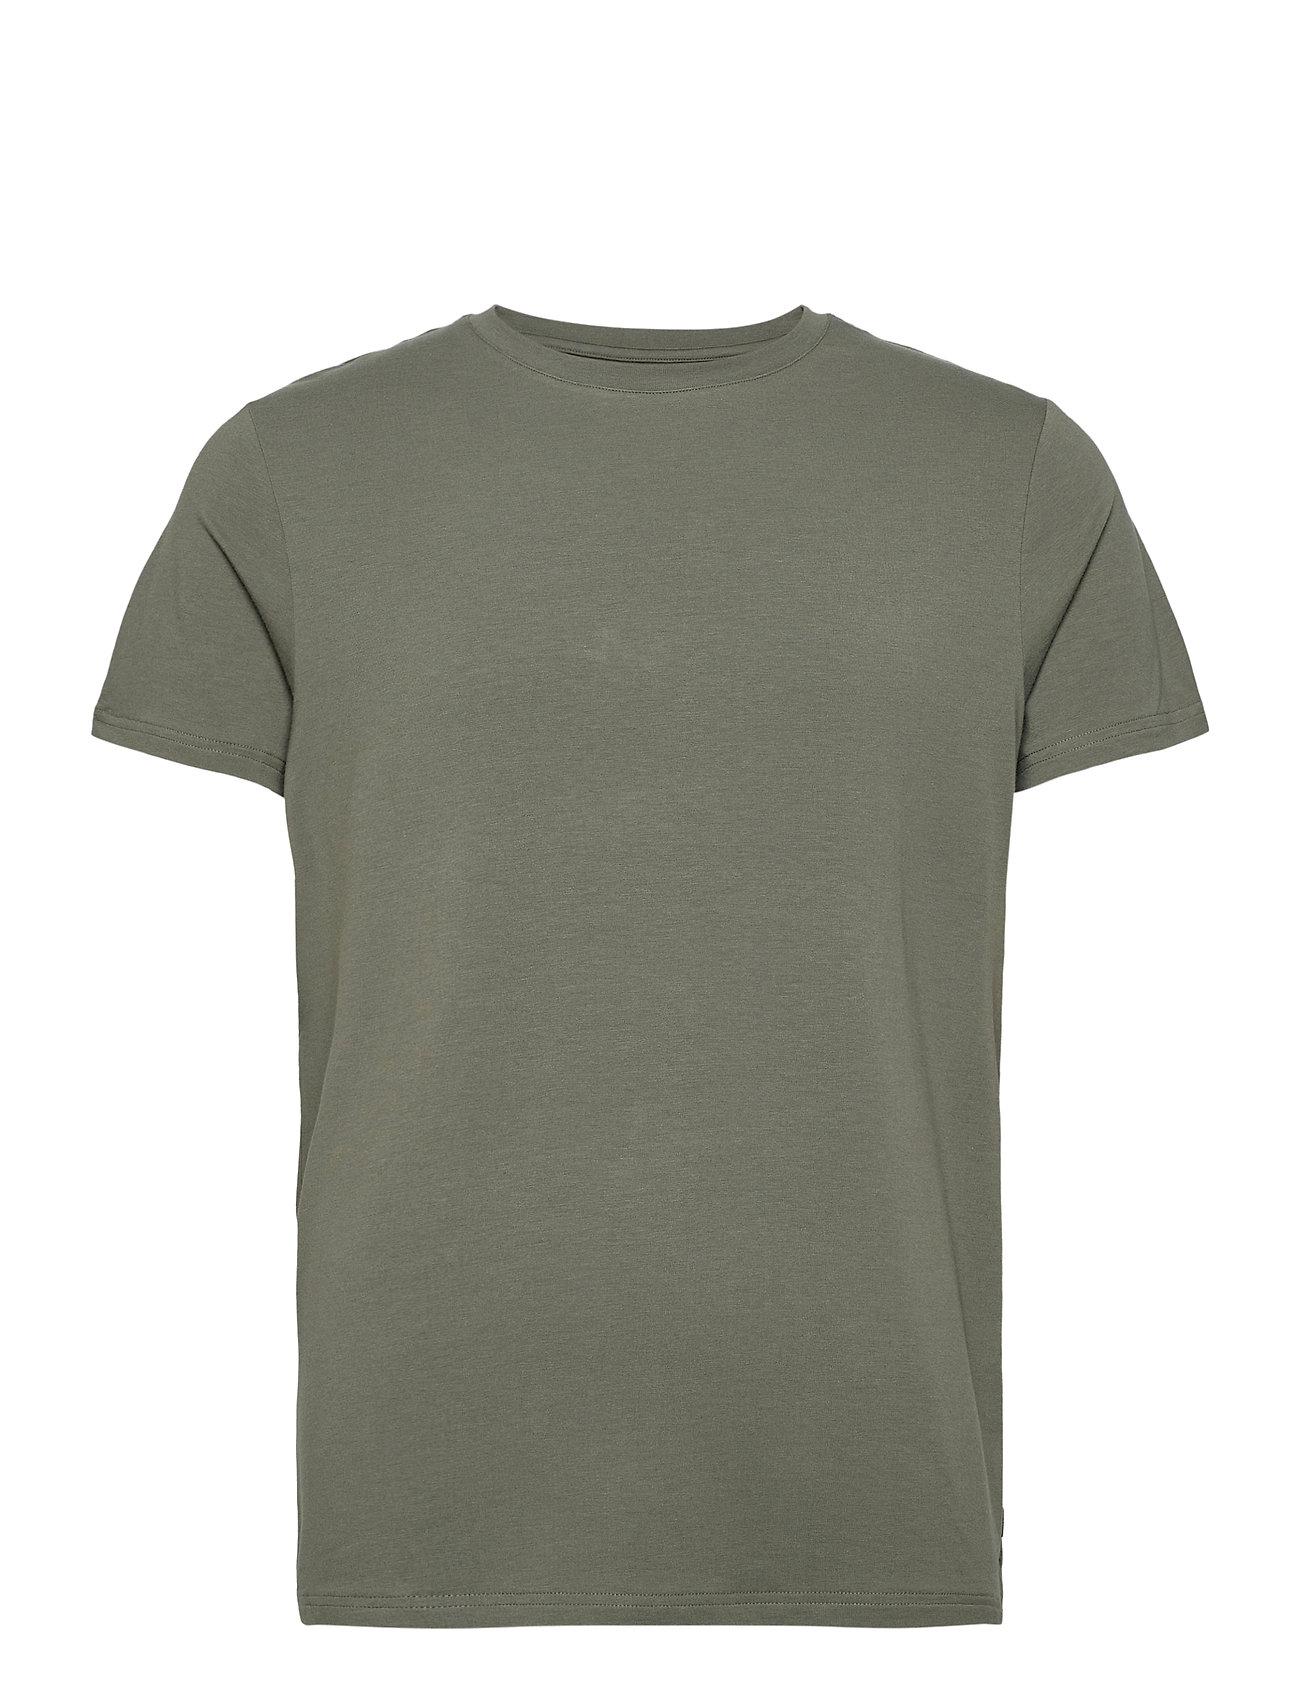 Image of Bamboo R-Neck Tee T-shirt Grøn Resteröds (3456629443)